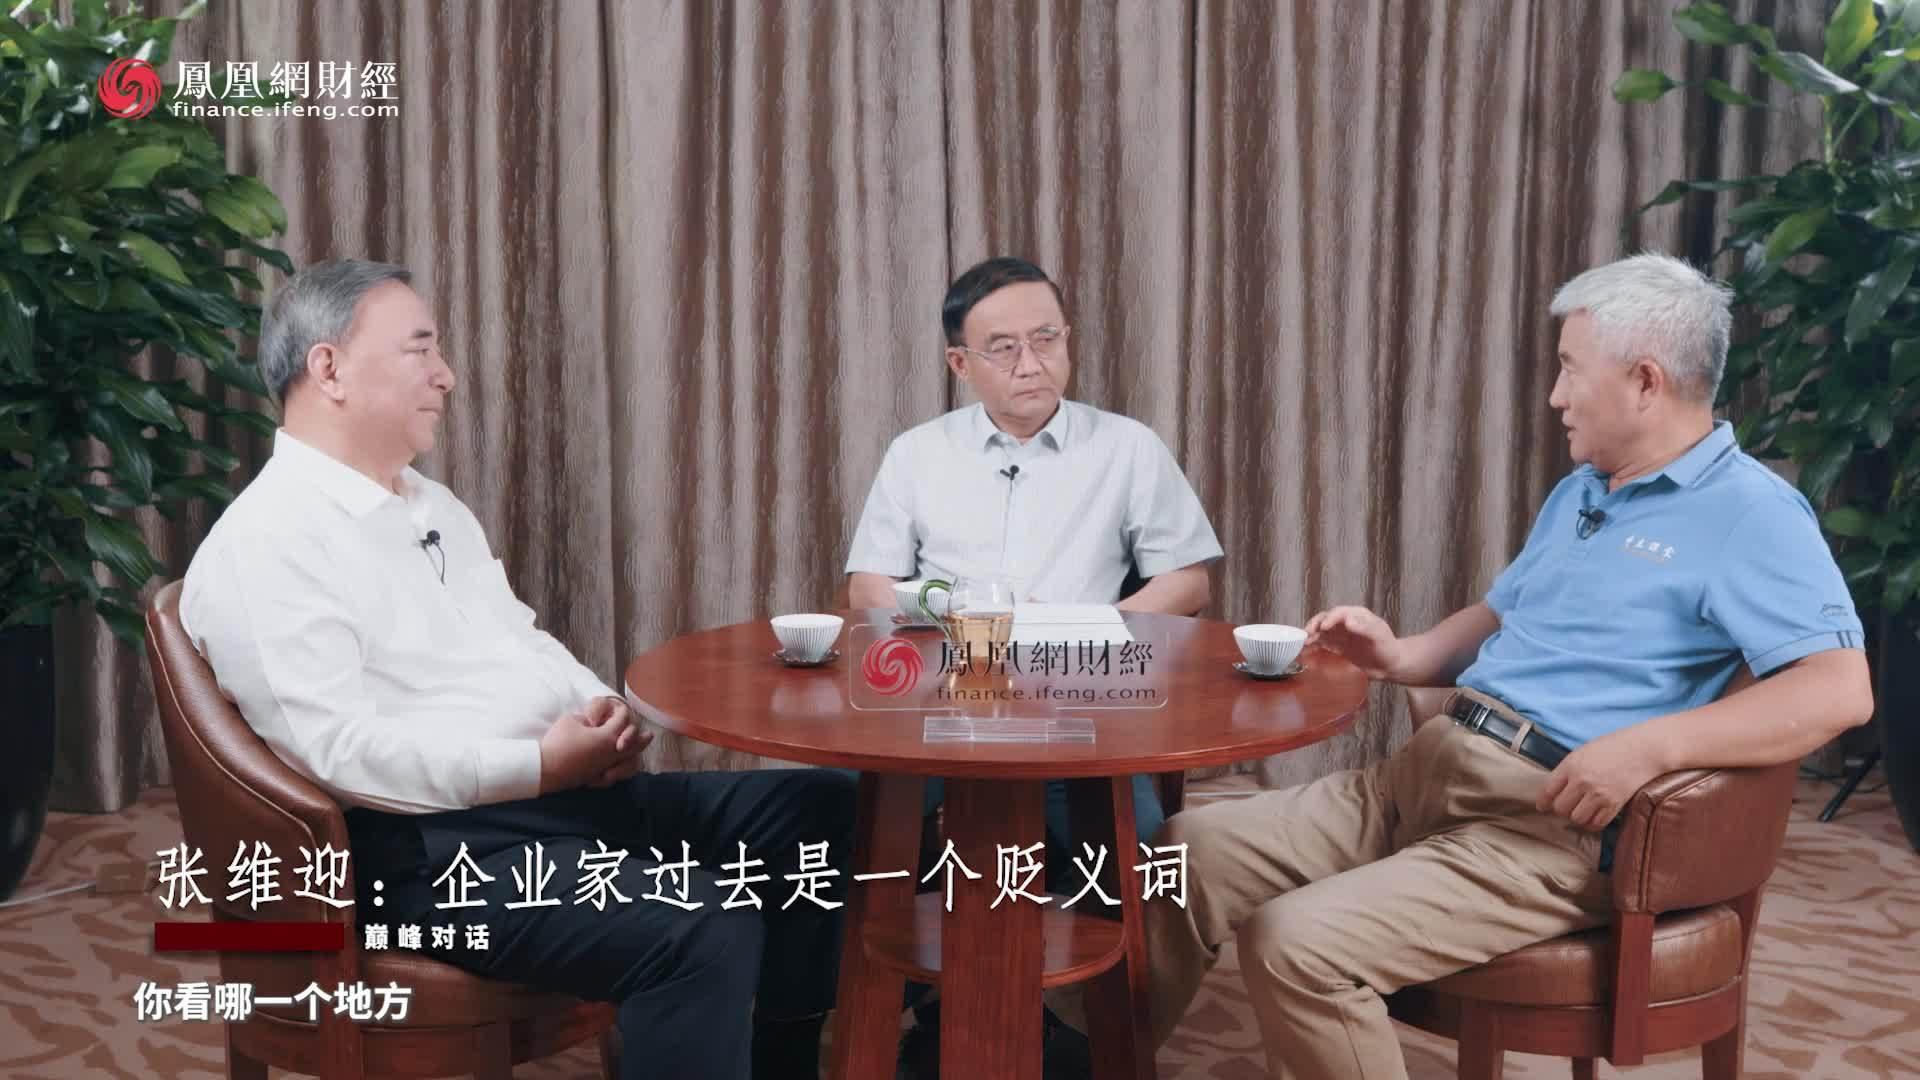 宋志平、张维迎、刘科:论道企业家精神|巅峰对话(上集)